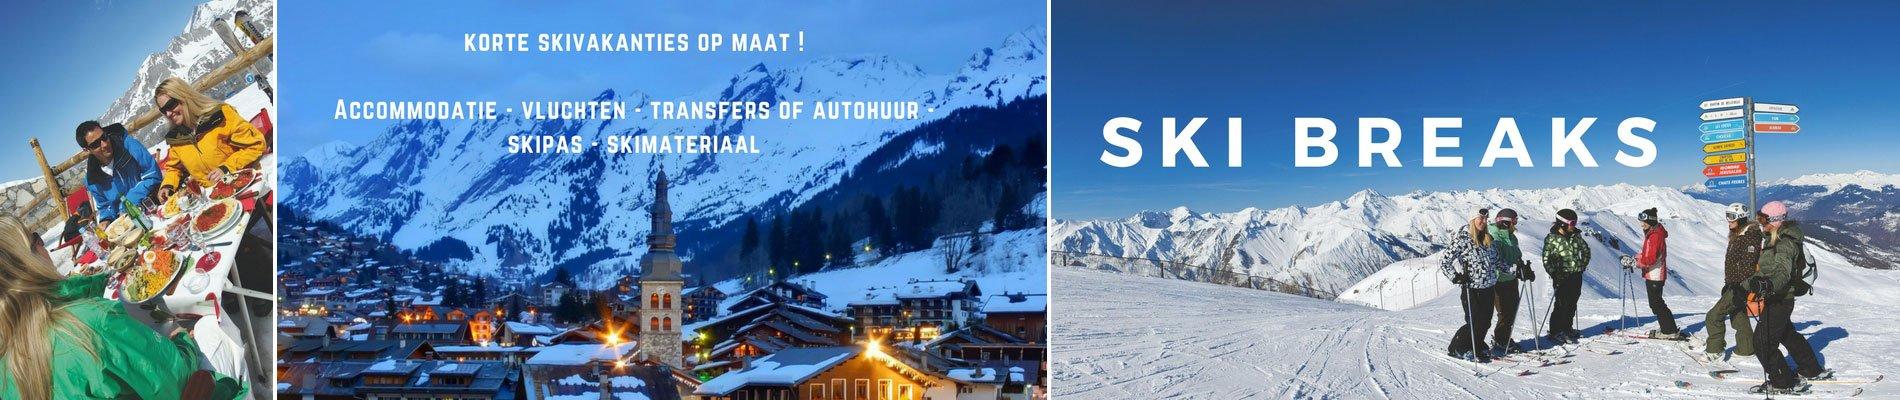 ski breaks grote foto banner